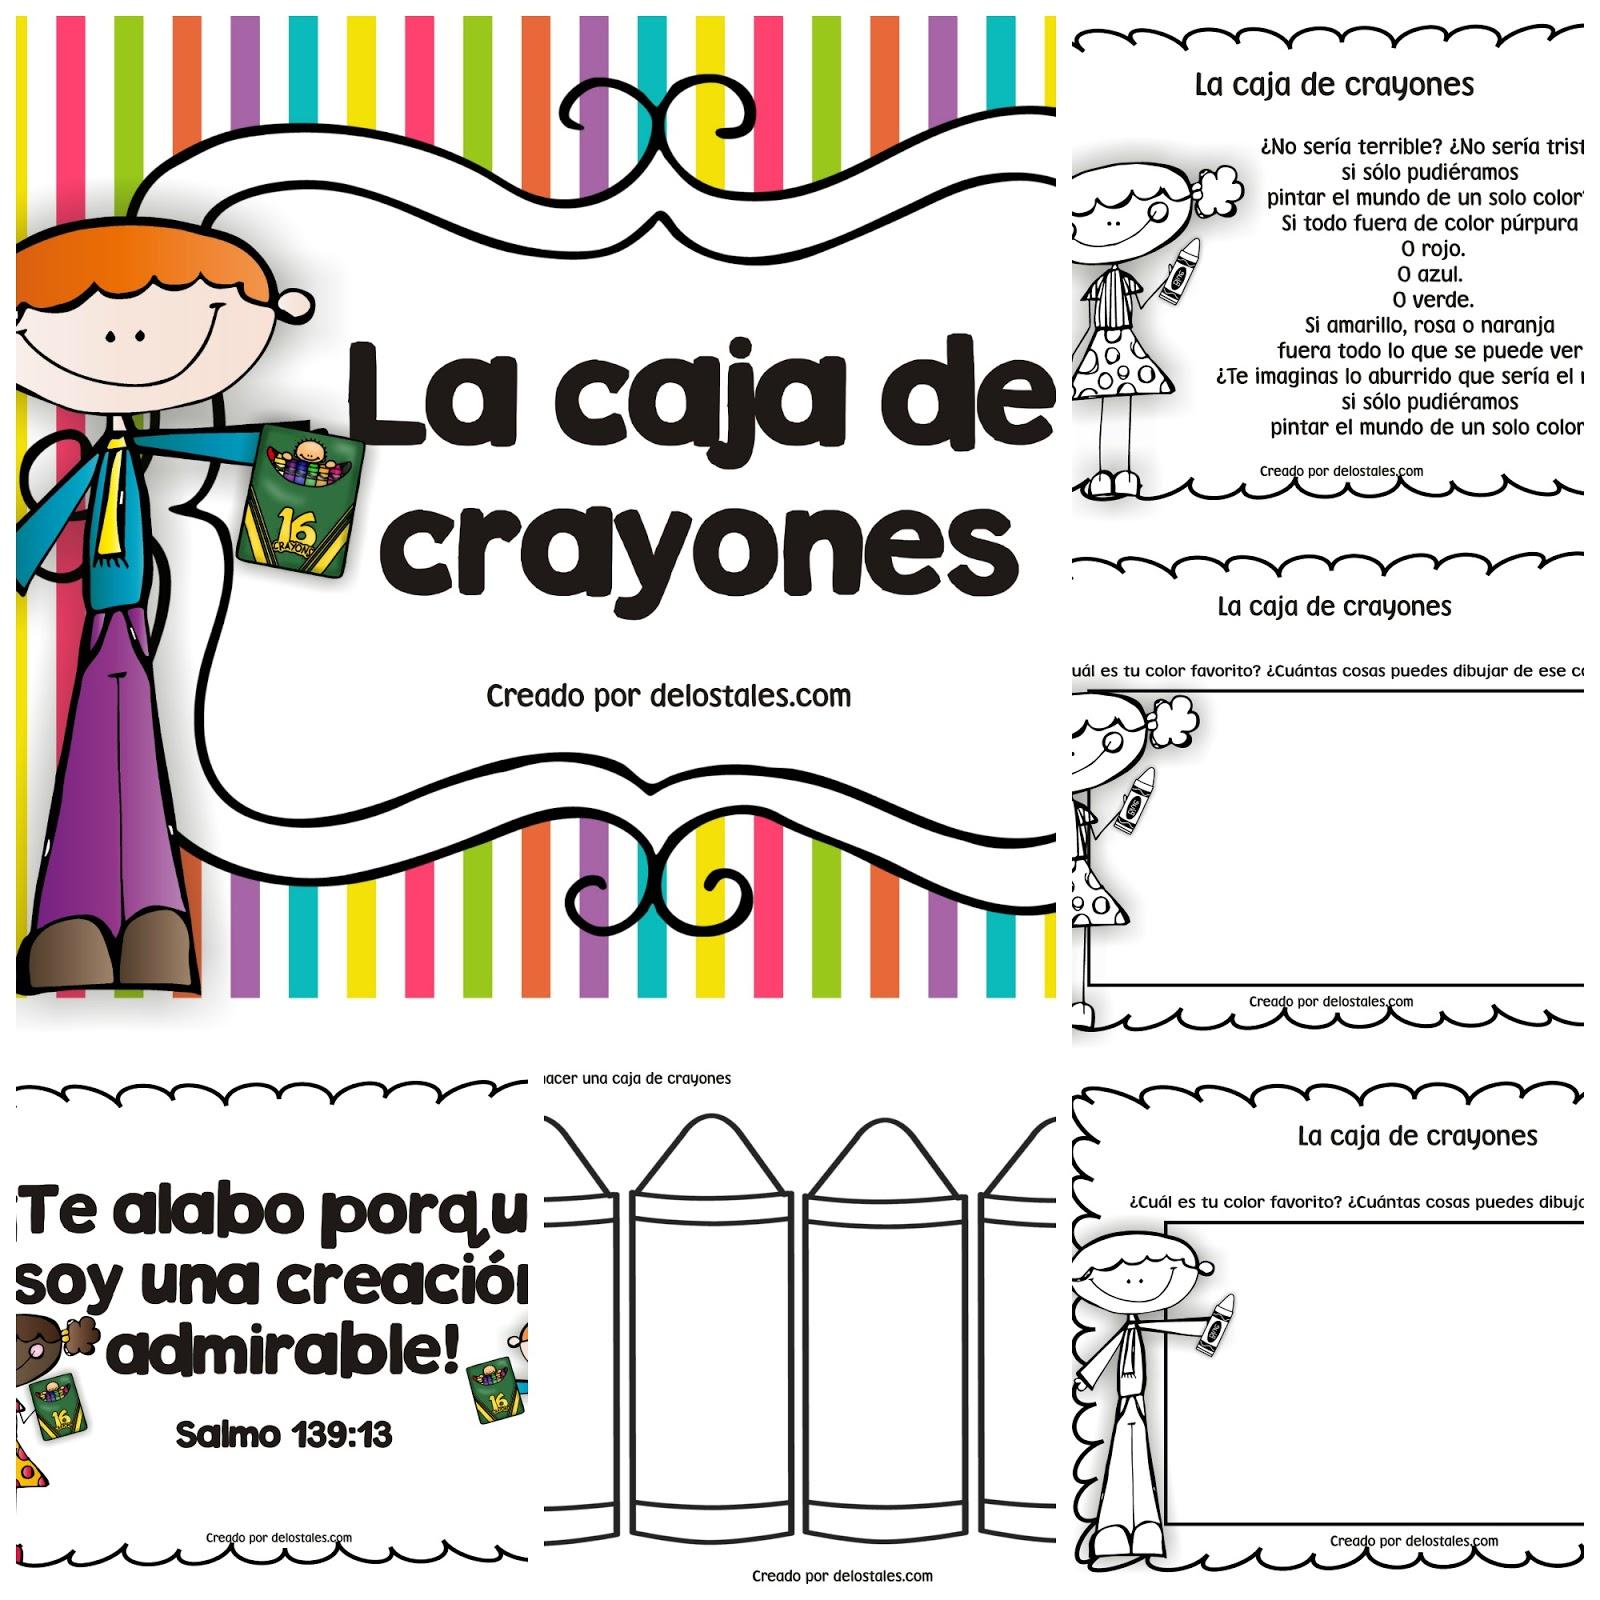 Semana 9- La caja de crayones - De los tales